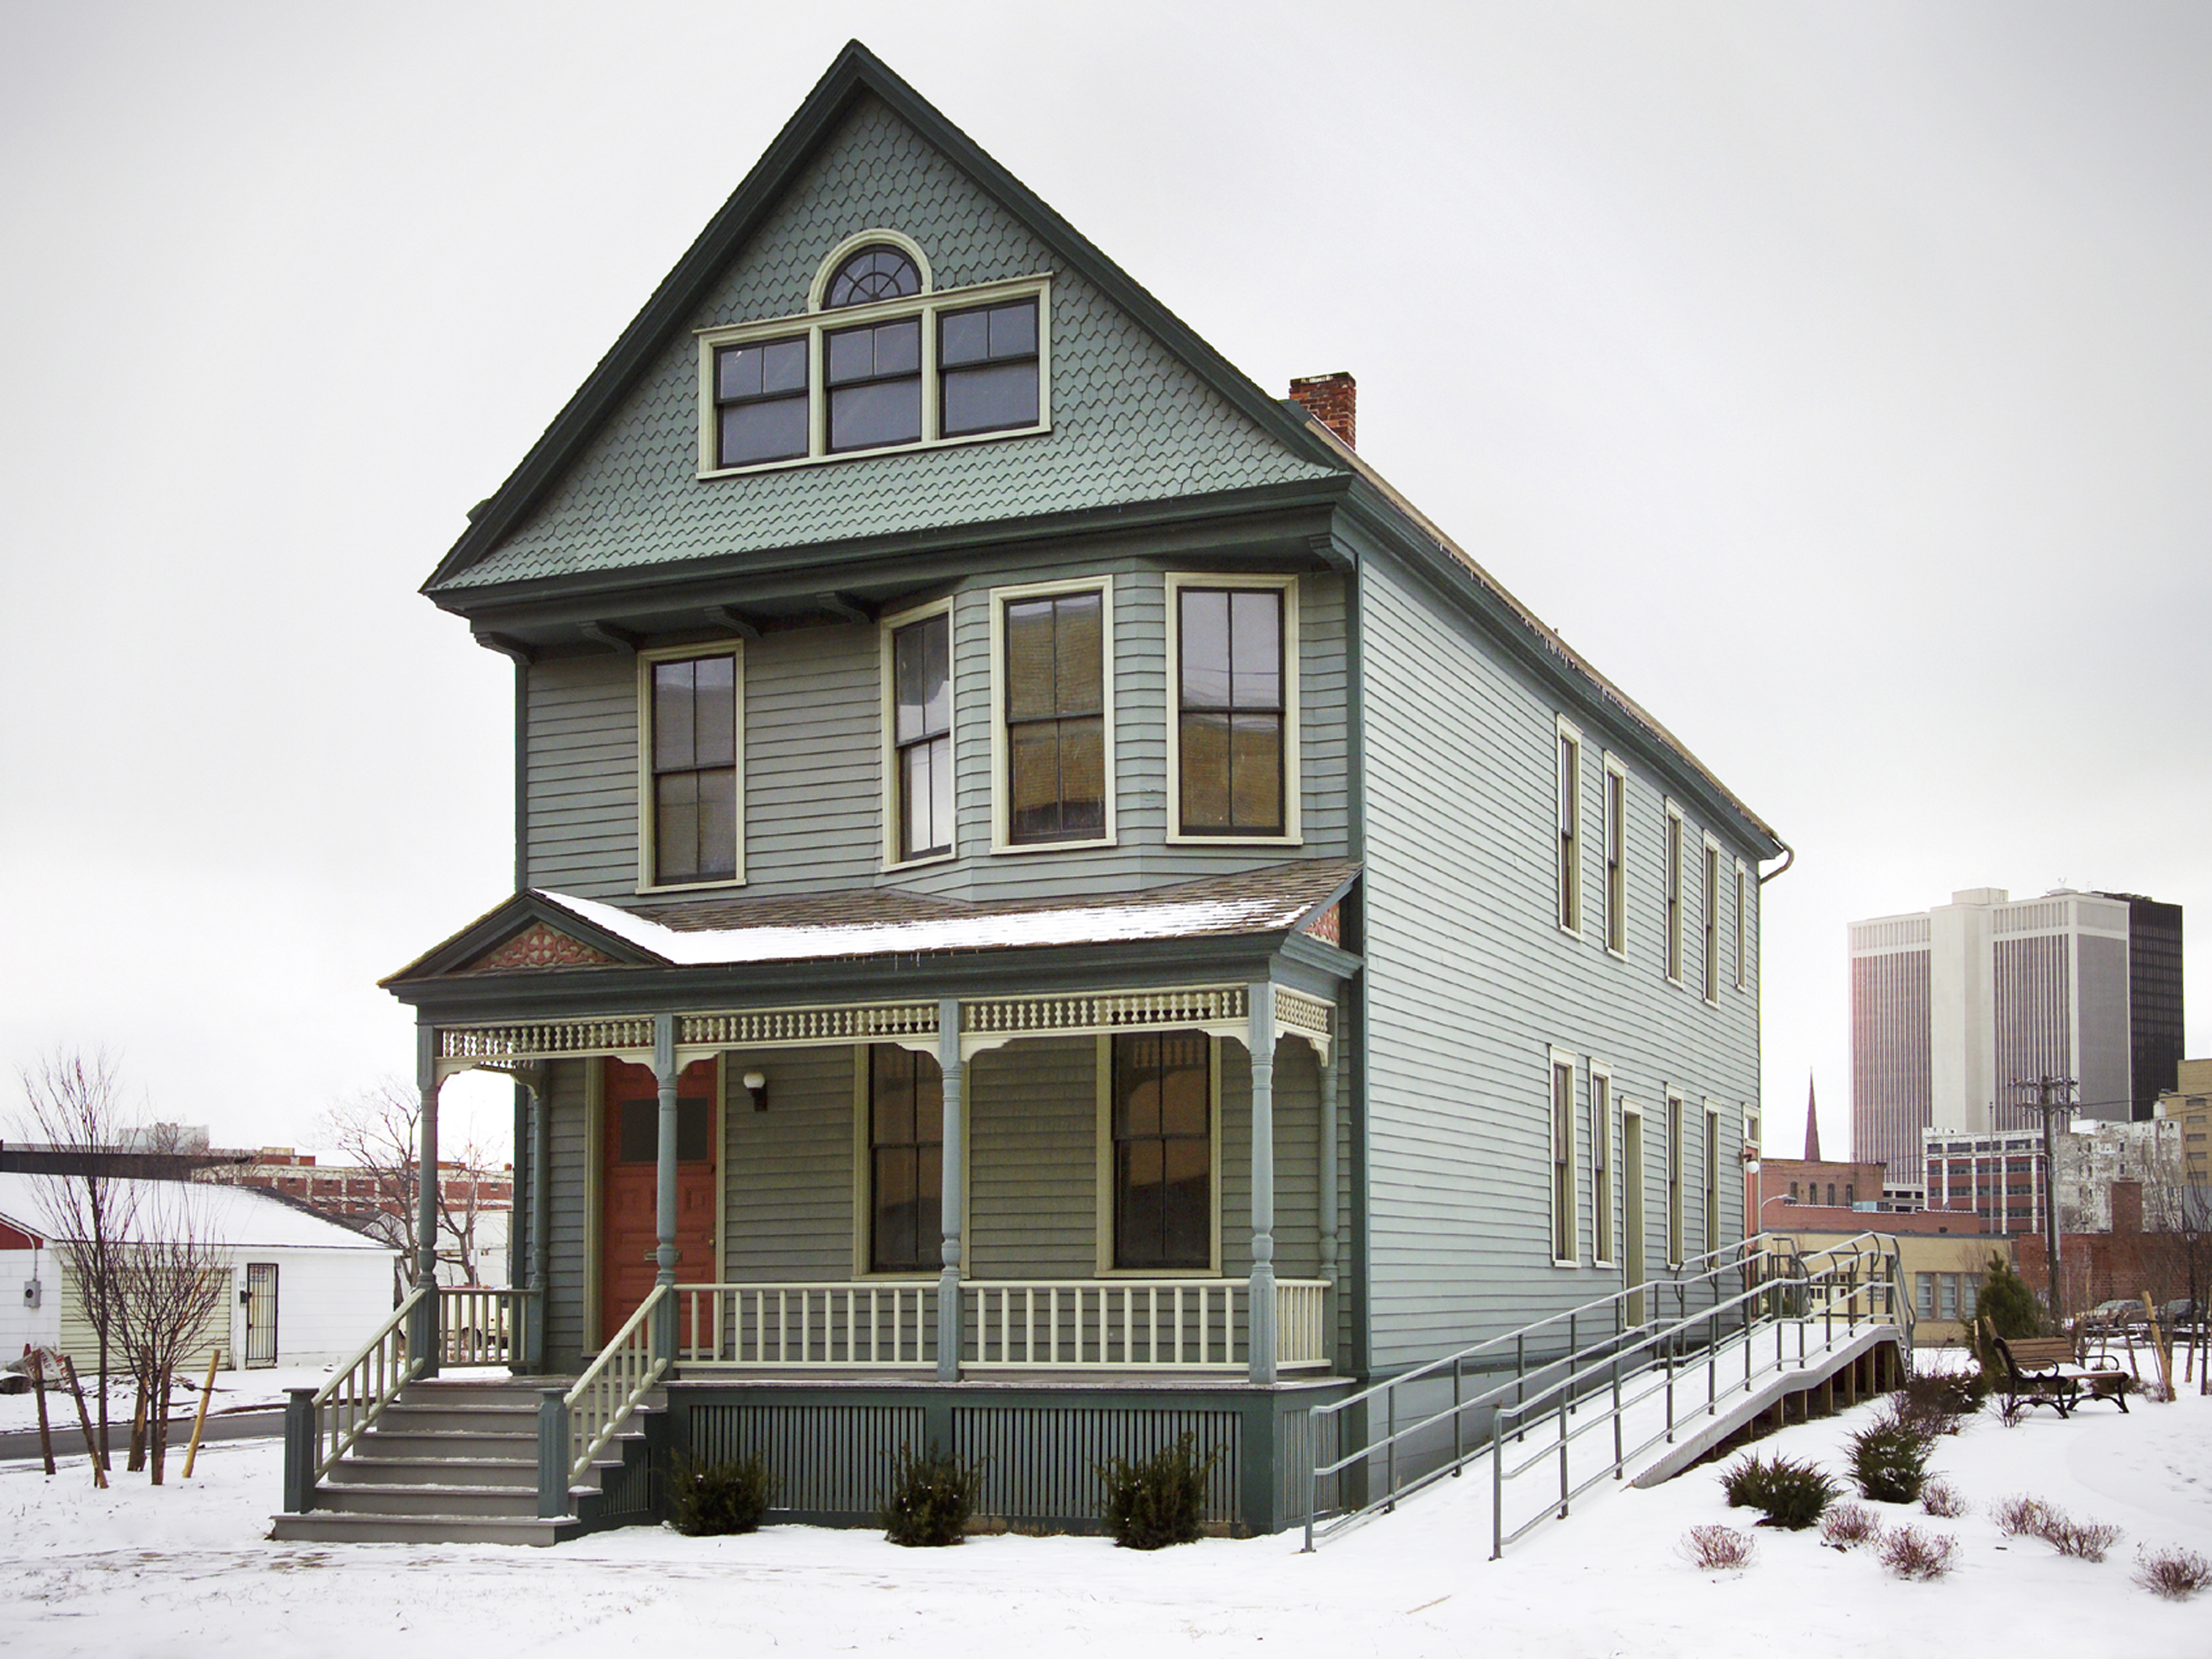 J Buffalo House The Nash House Museum ...